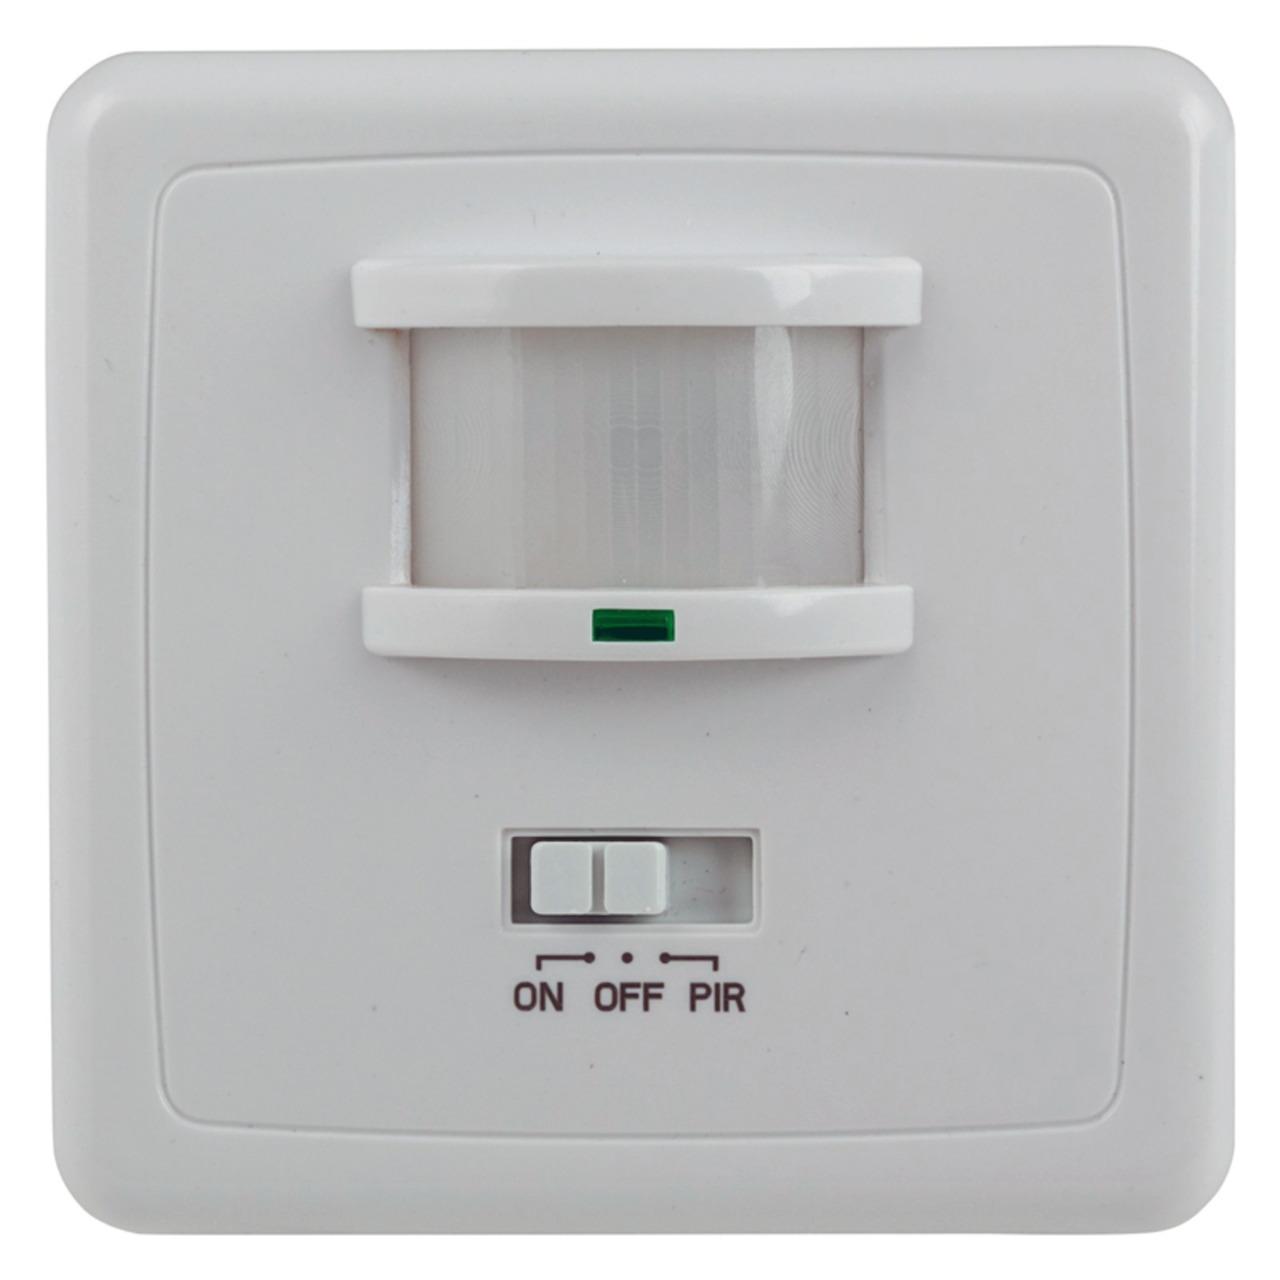 ChiliTec Unterputz-Bewegungsmelder- 3-Draht-Technik- LED geeignet- IP20